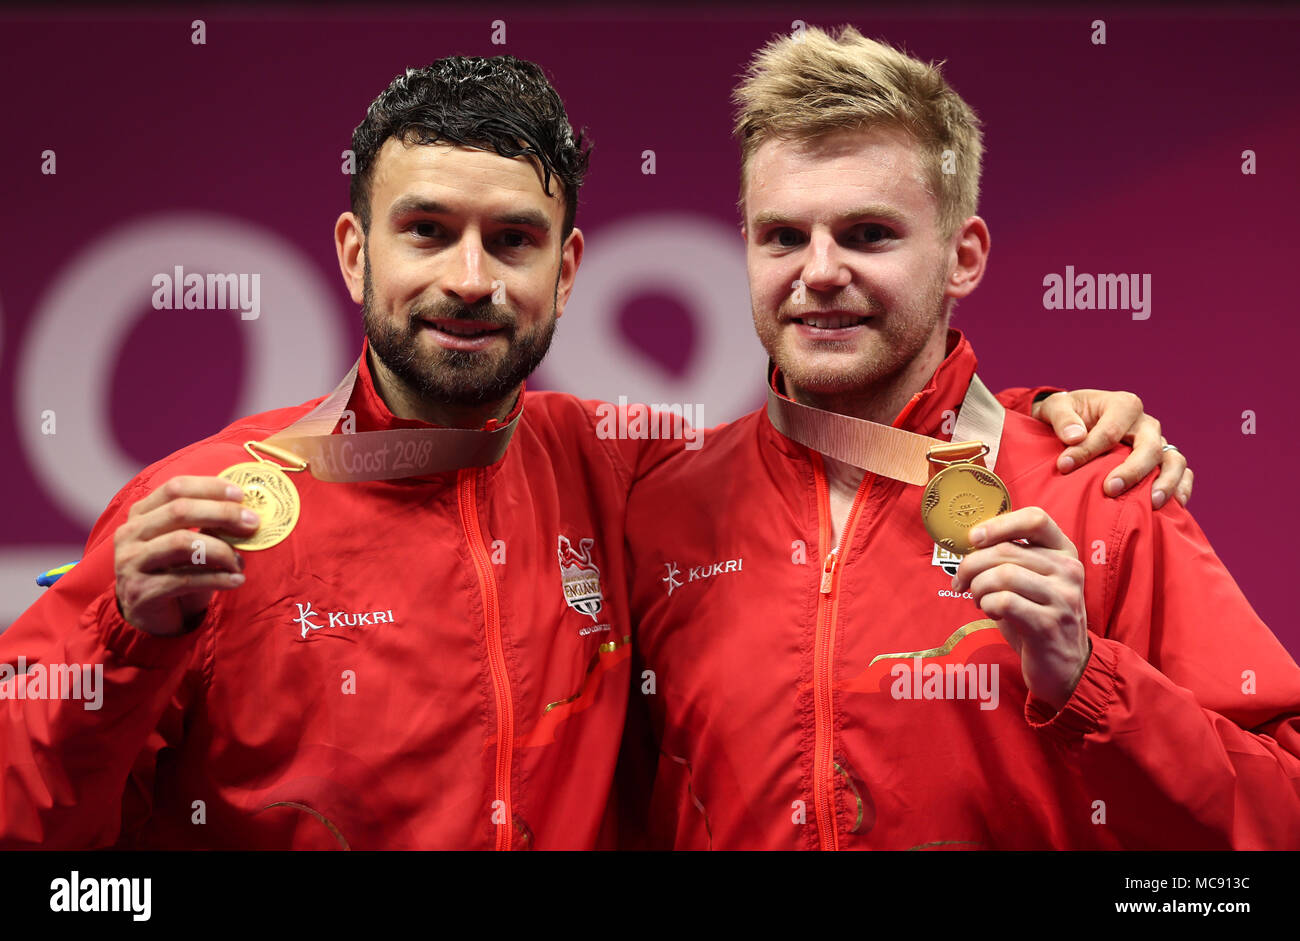 9f307c470afc Inglaterra Marcus Ellis (izquierda) y Chris Langridge celebrar con sus medallas  de oro en la mens ...